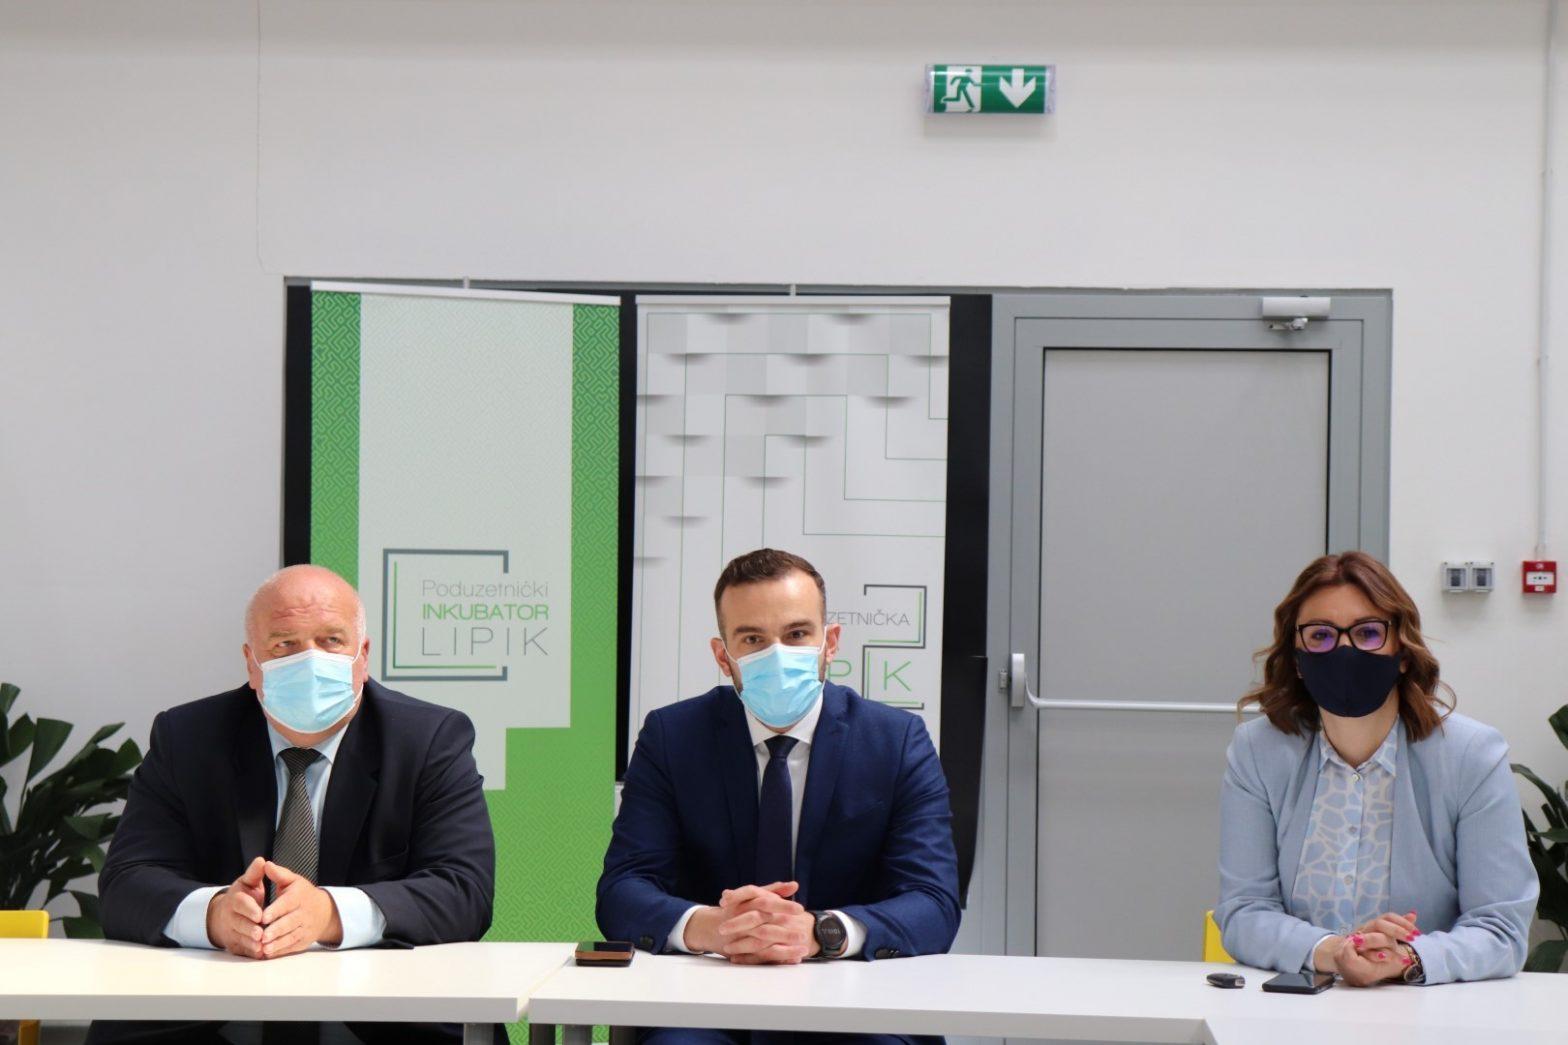 Ministar Aladrović posjetio Centar umjetne inteligencije i Poduzetnički inkubator u Lipiku